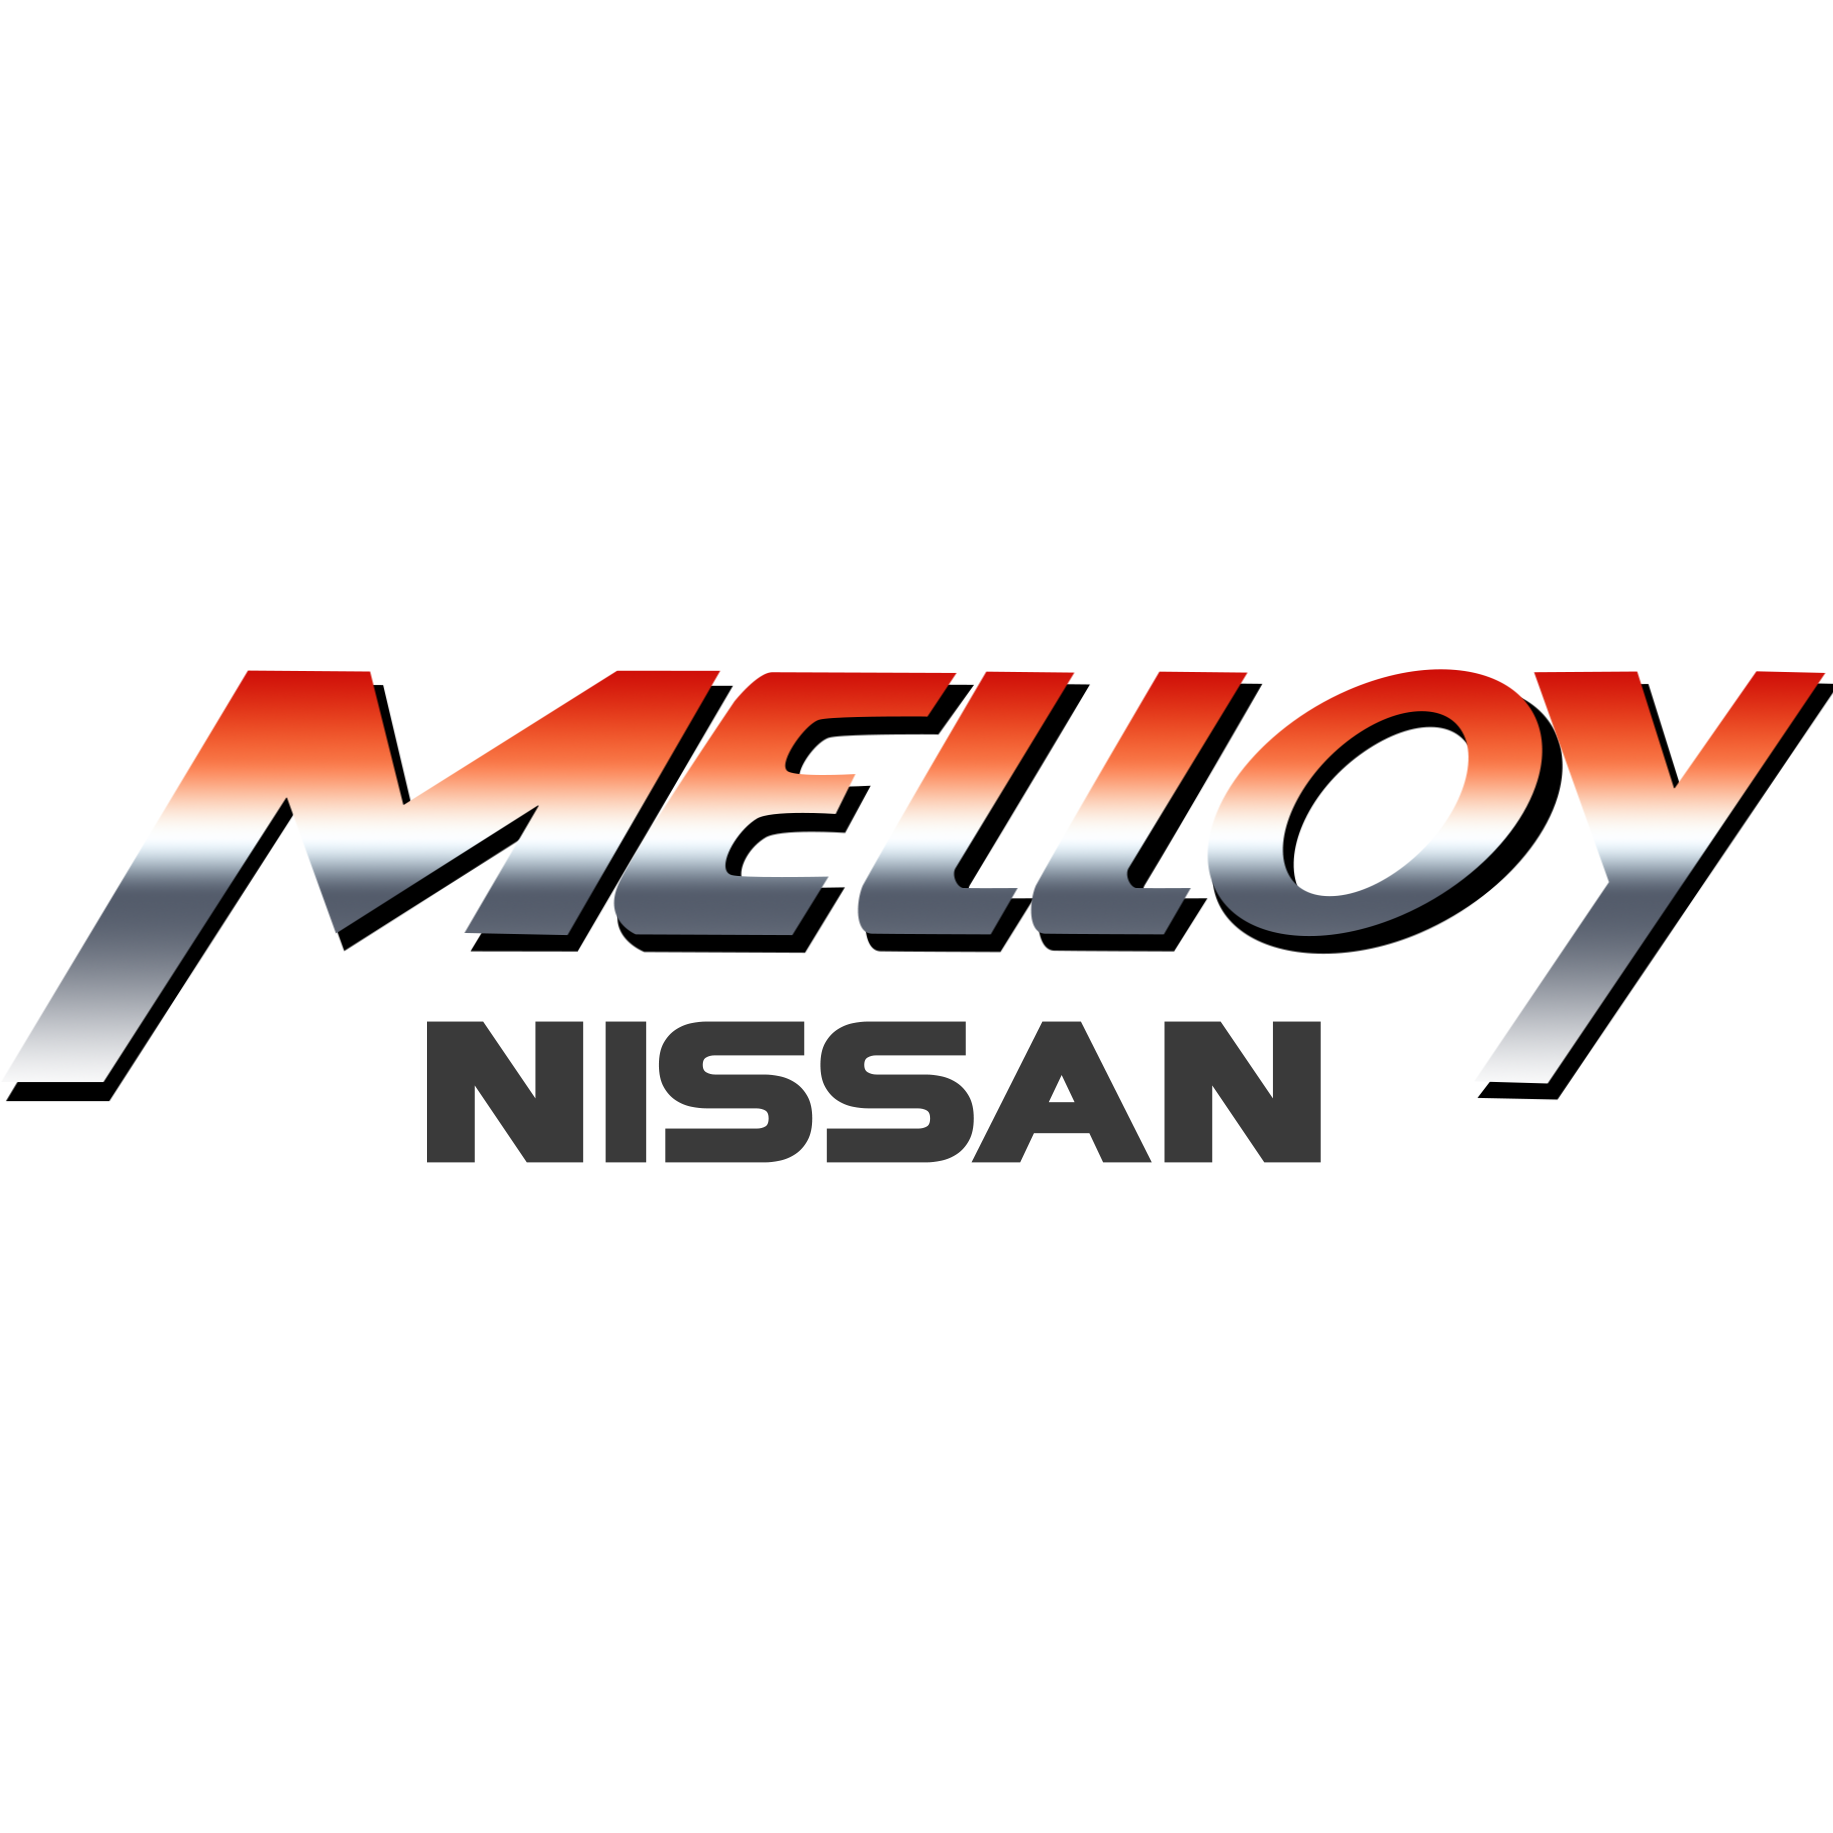 Melloy Nissan - Albuquerque, NM 87110 - (505)545-6420 | ShowMeLocal.com